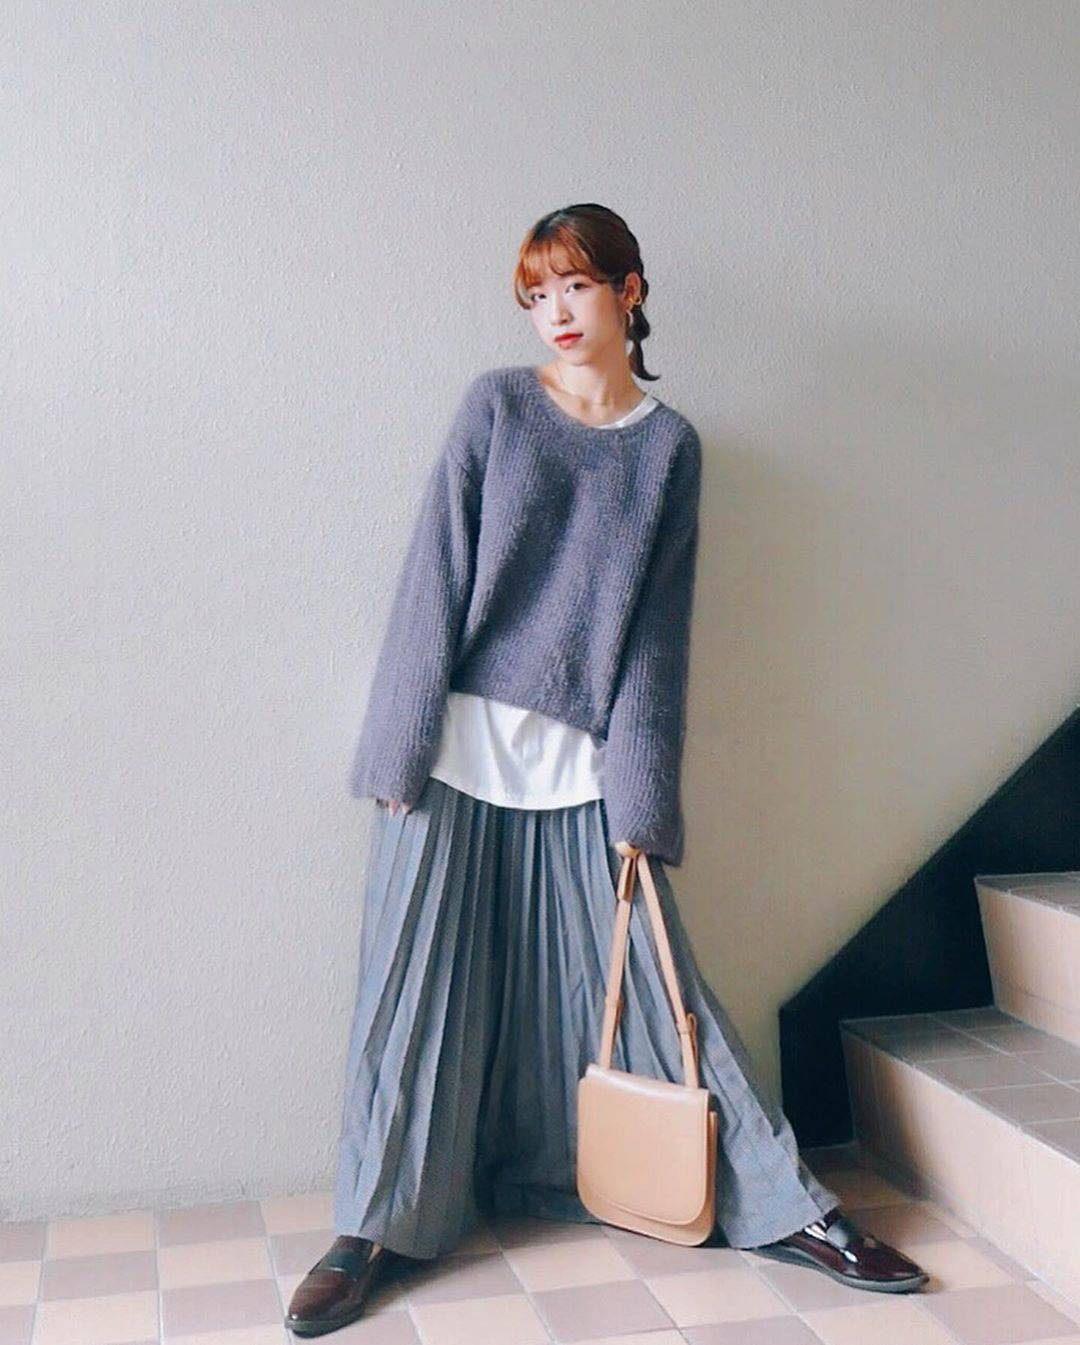 最高気温18度・最低気温12度 natsu_outfitsの服装